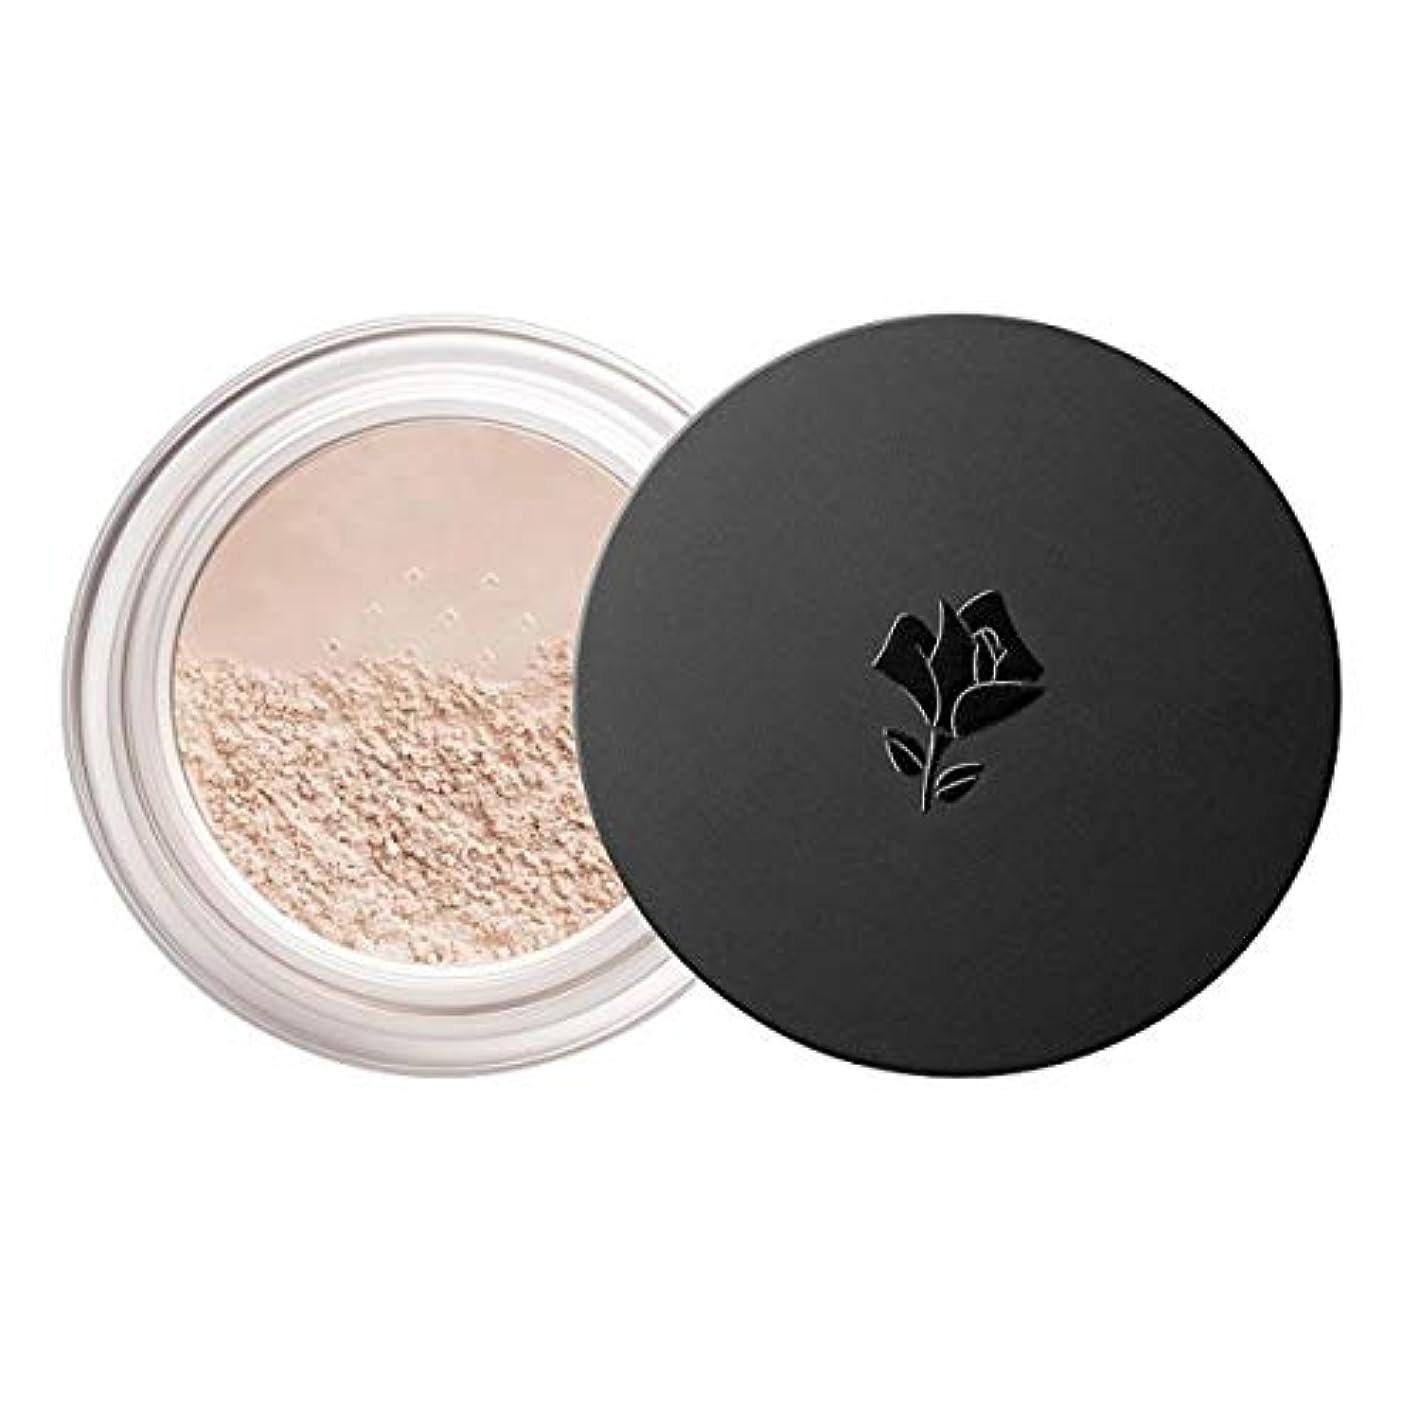 ローブブレーキオレンジランコム Long Time No Shine Loose Setting & Mattifying Powder - # Translucent 15g/0.52oz並行輸入品